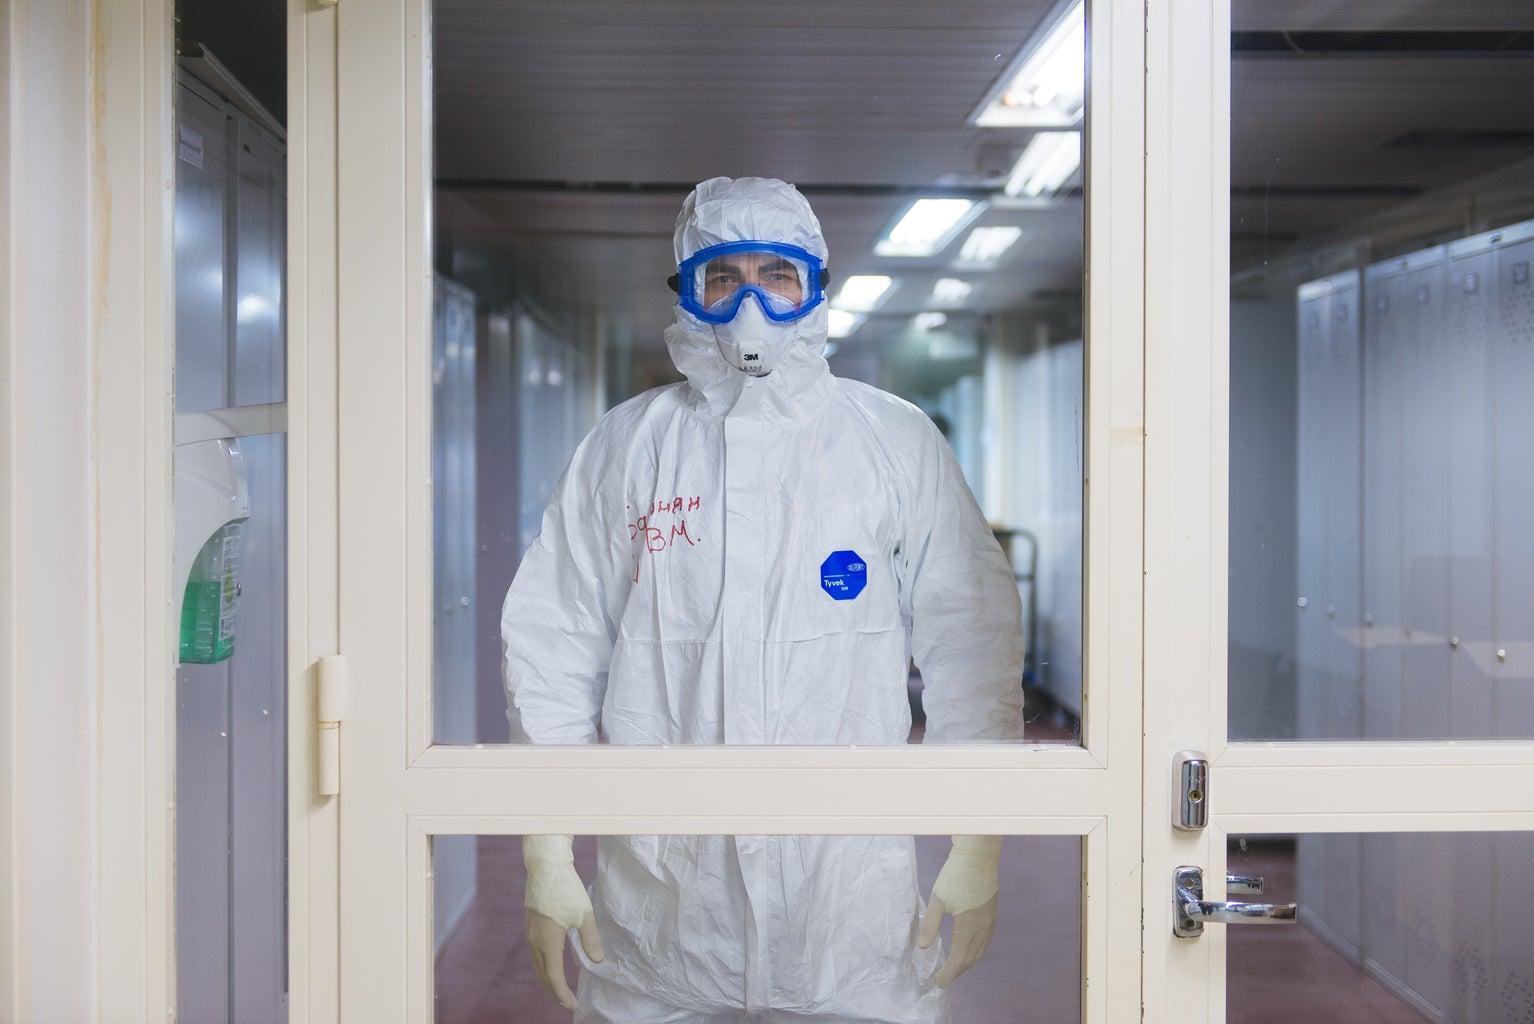 COVID medical personnel standing in door